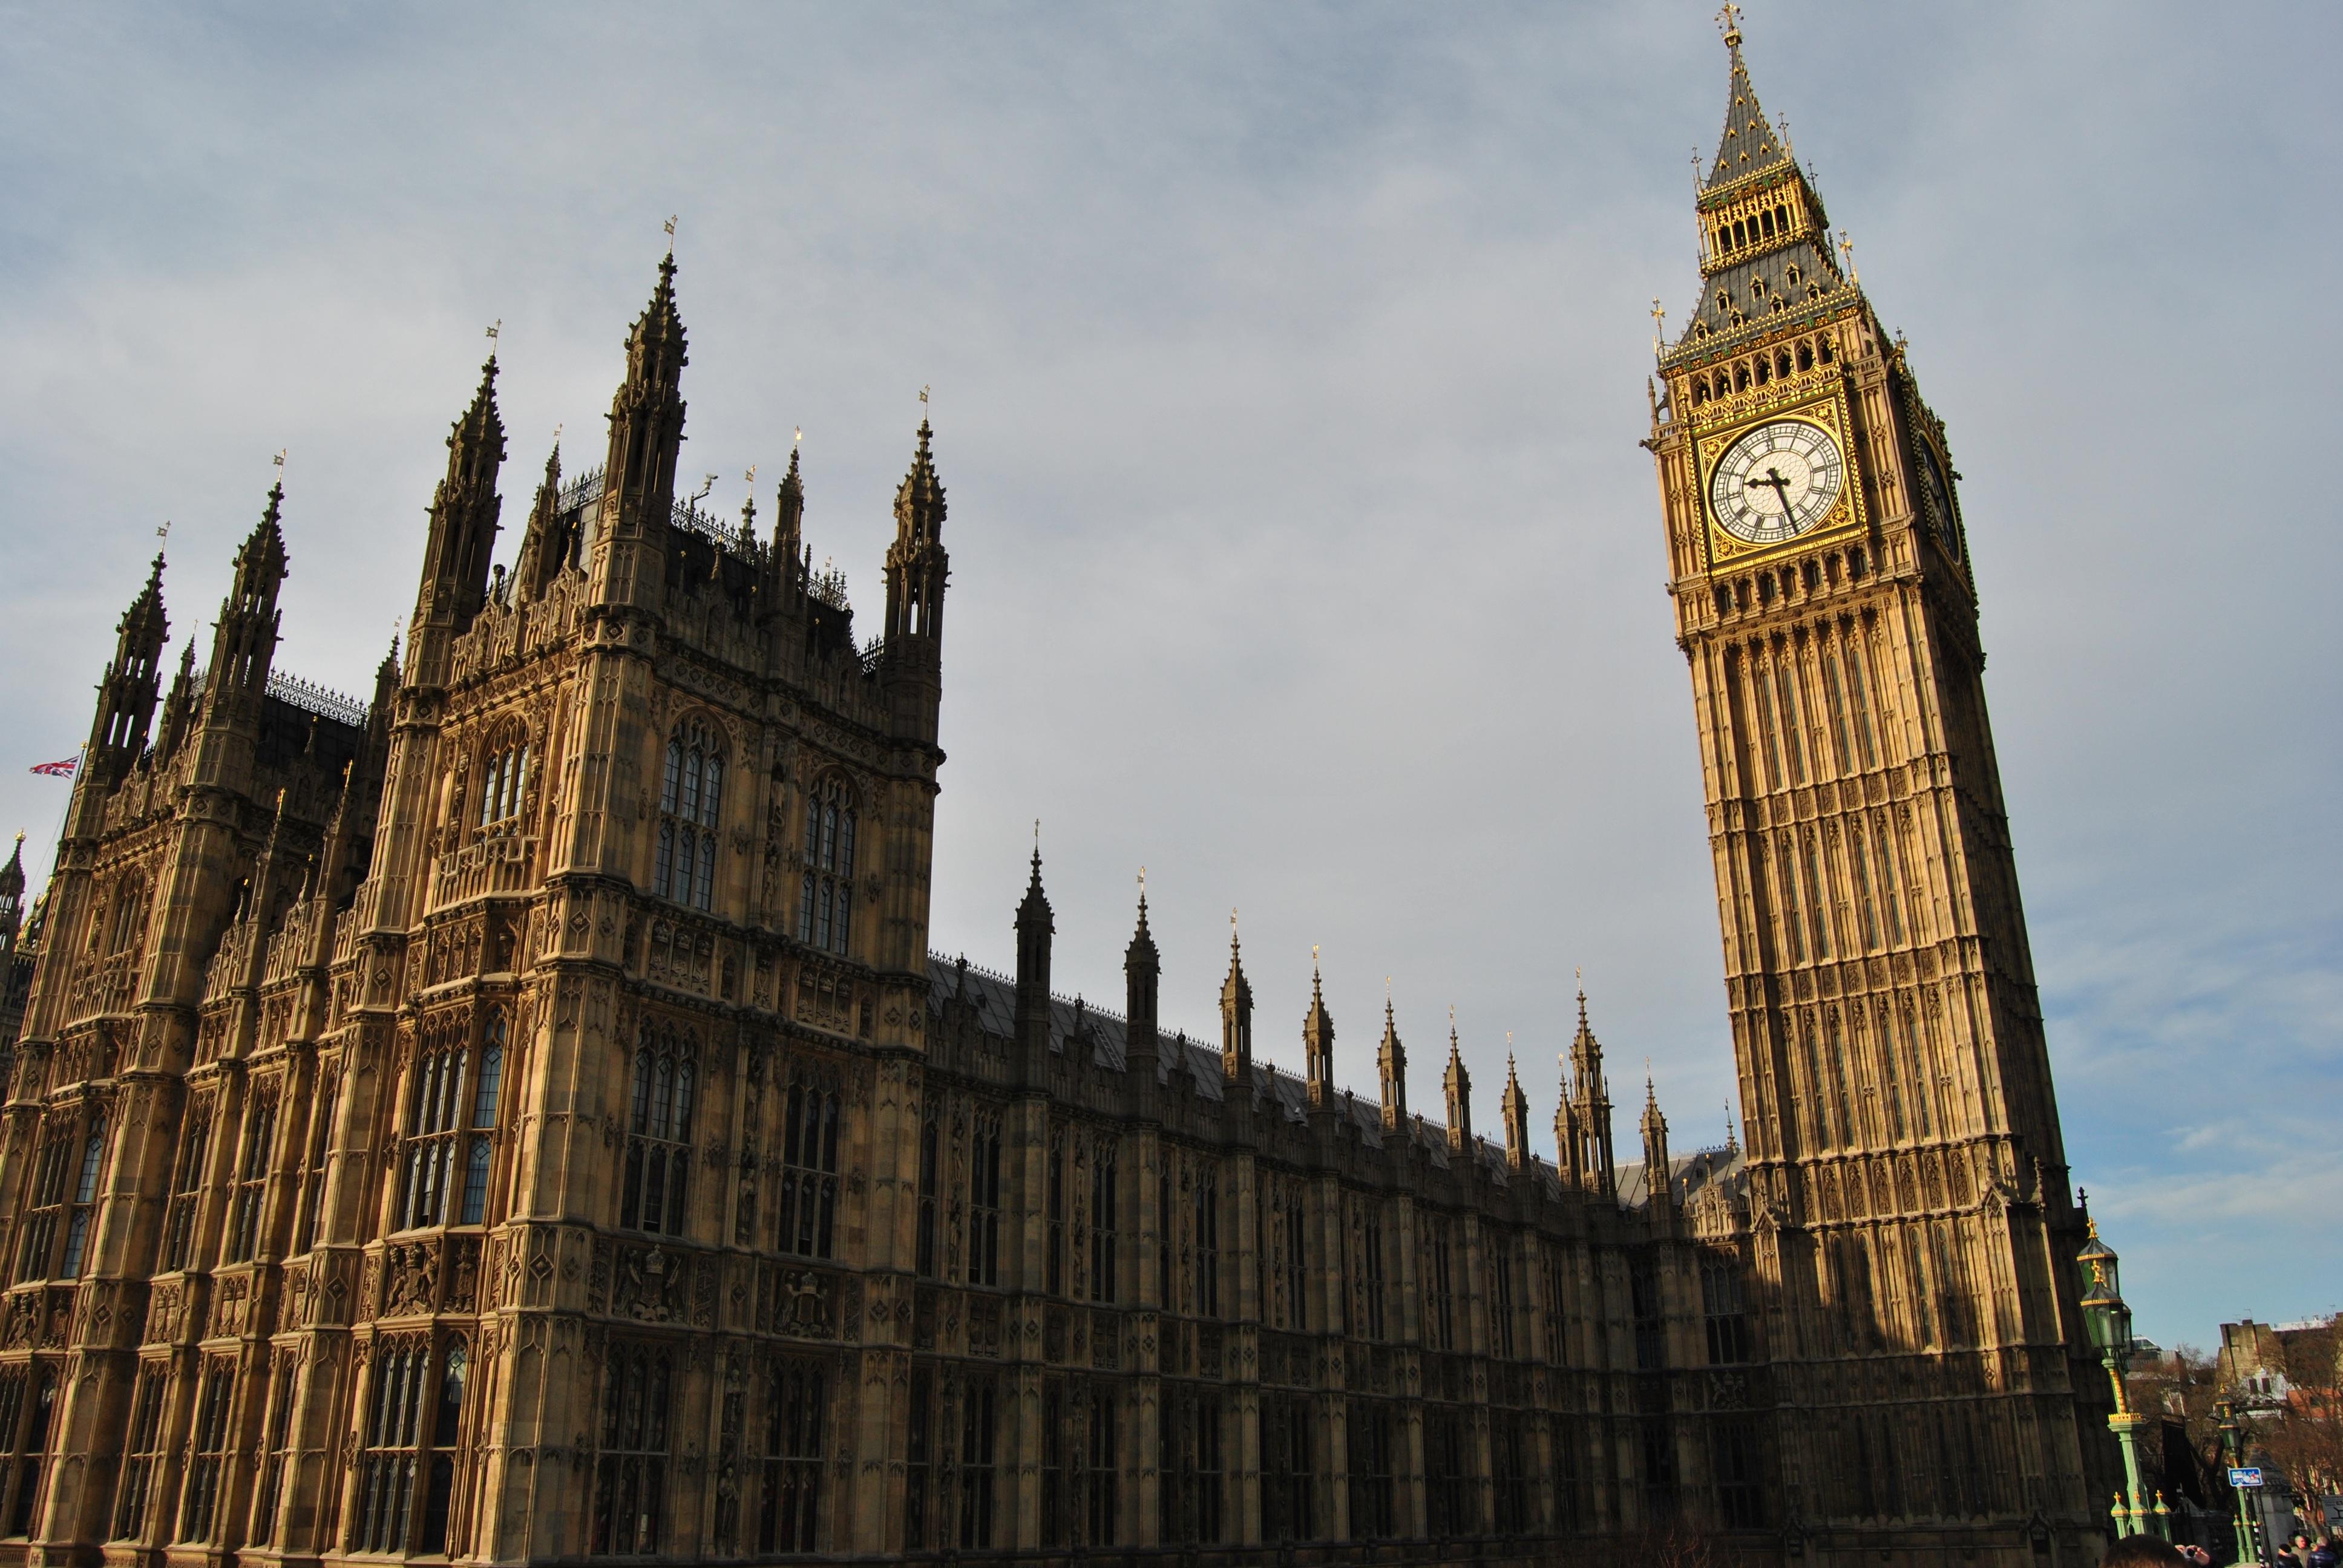 Kostenlose foto uhr die architektur geb ude turm - London architektur ...